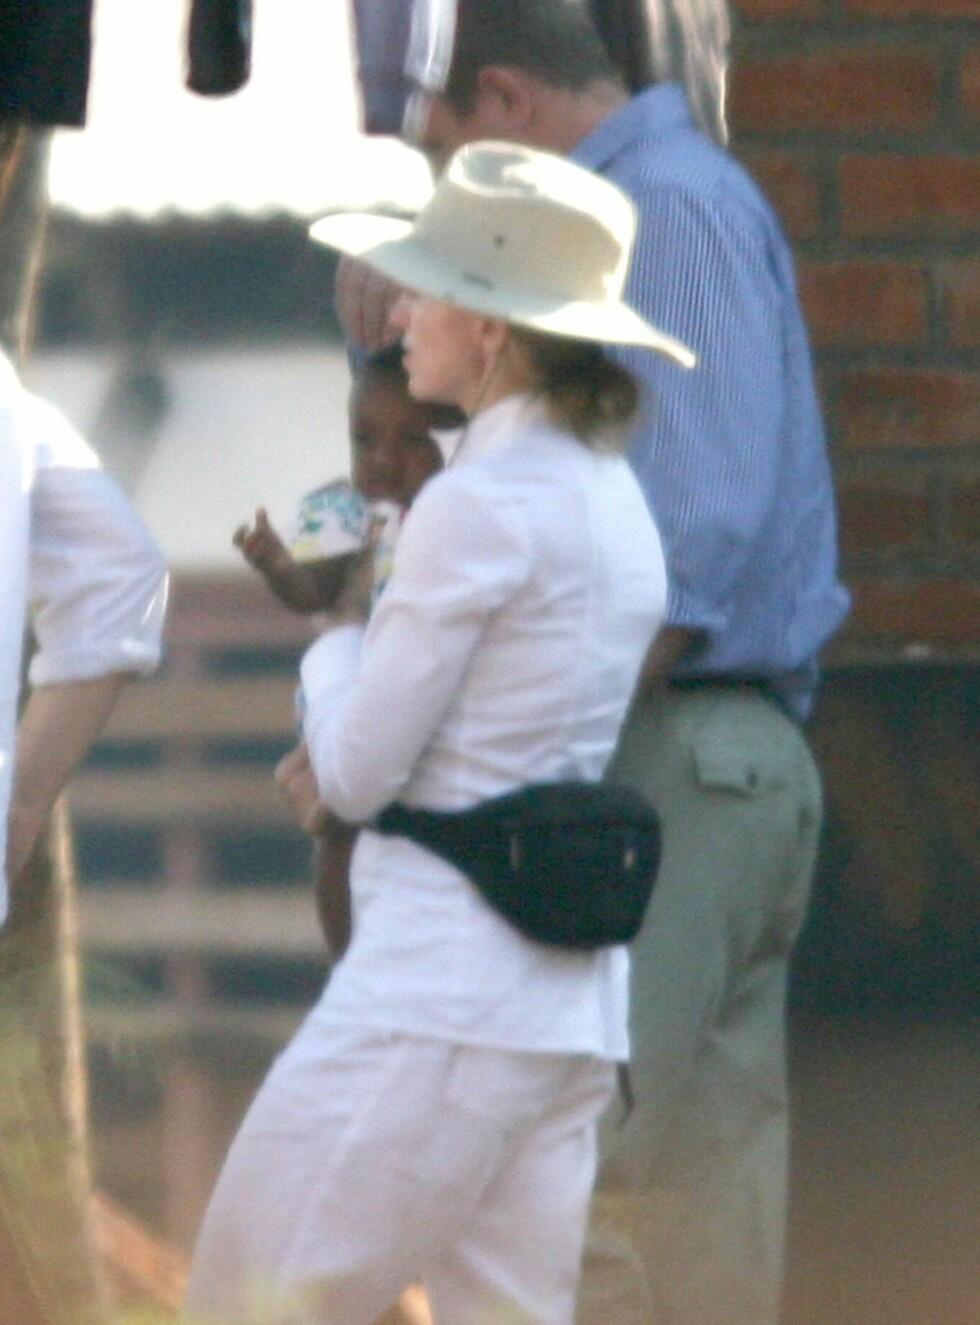 BARNEKJÆR: Madonnas talskvinne bekrefter adopsjonen. Nå venter superstjernen på å få David hjem til London. Foto: Mirrorpix